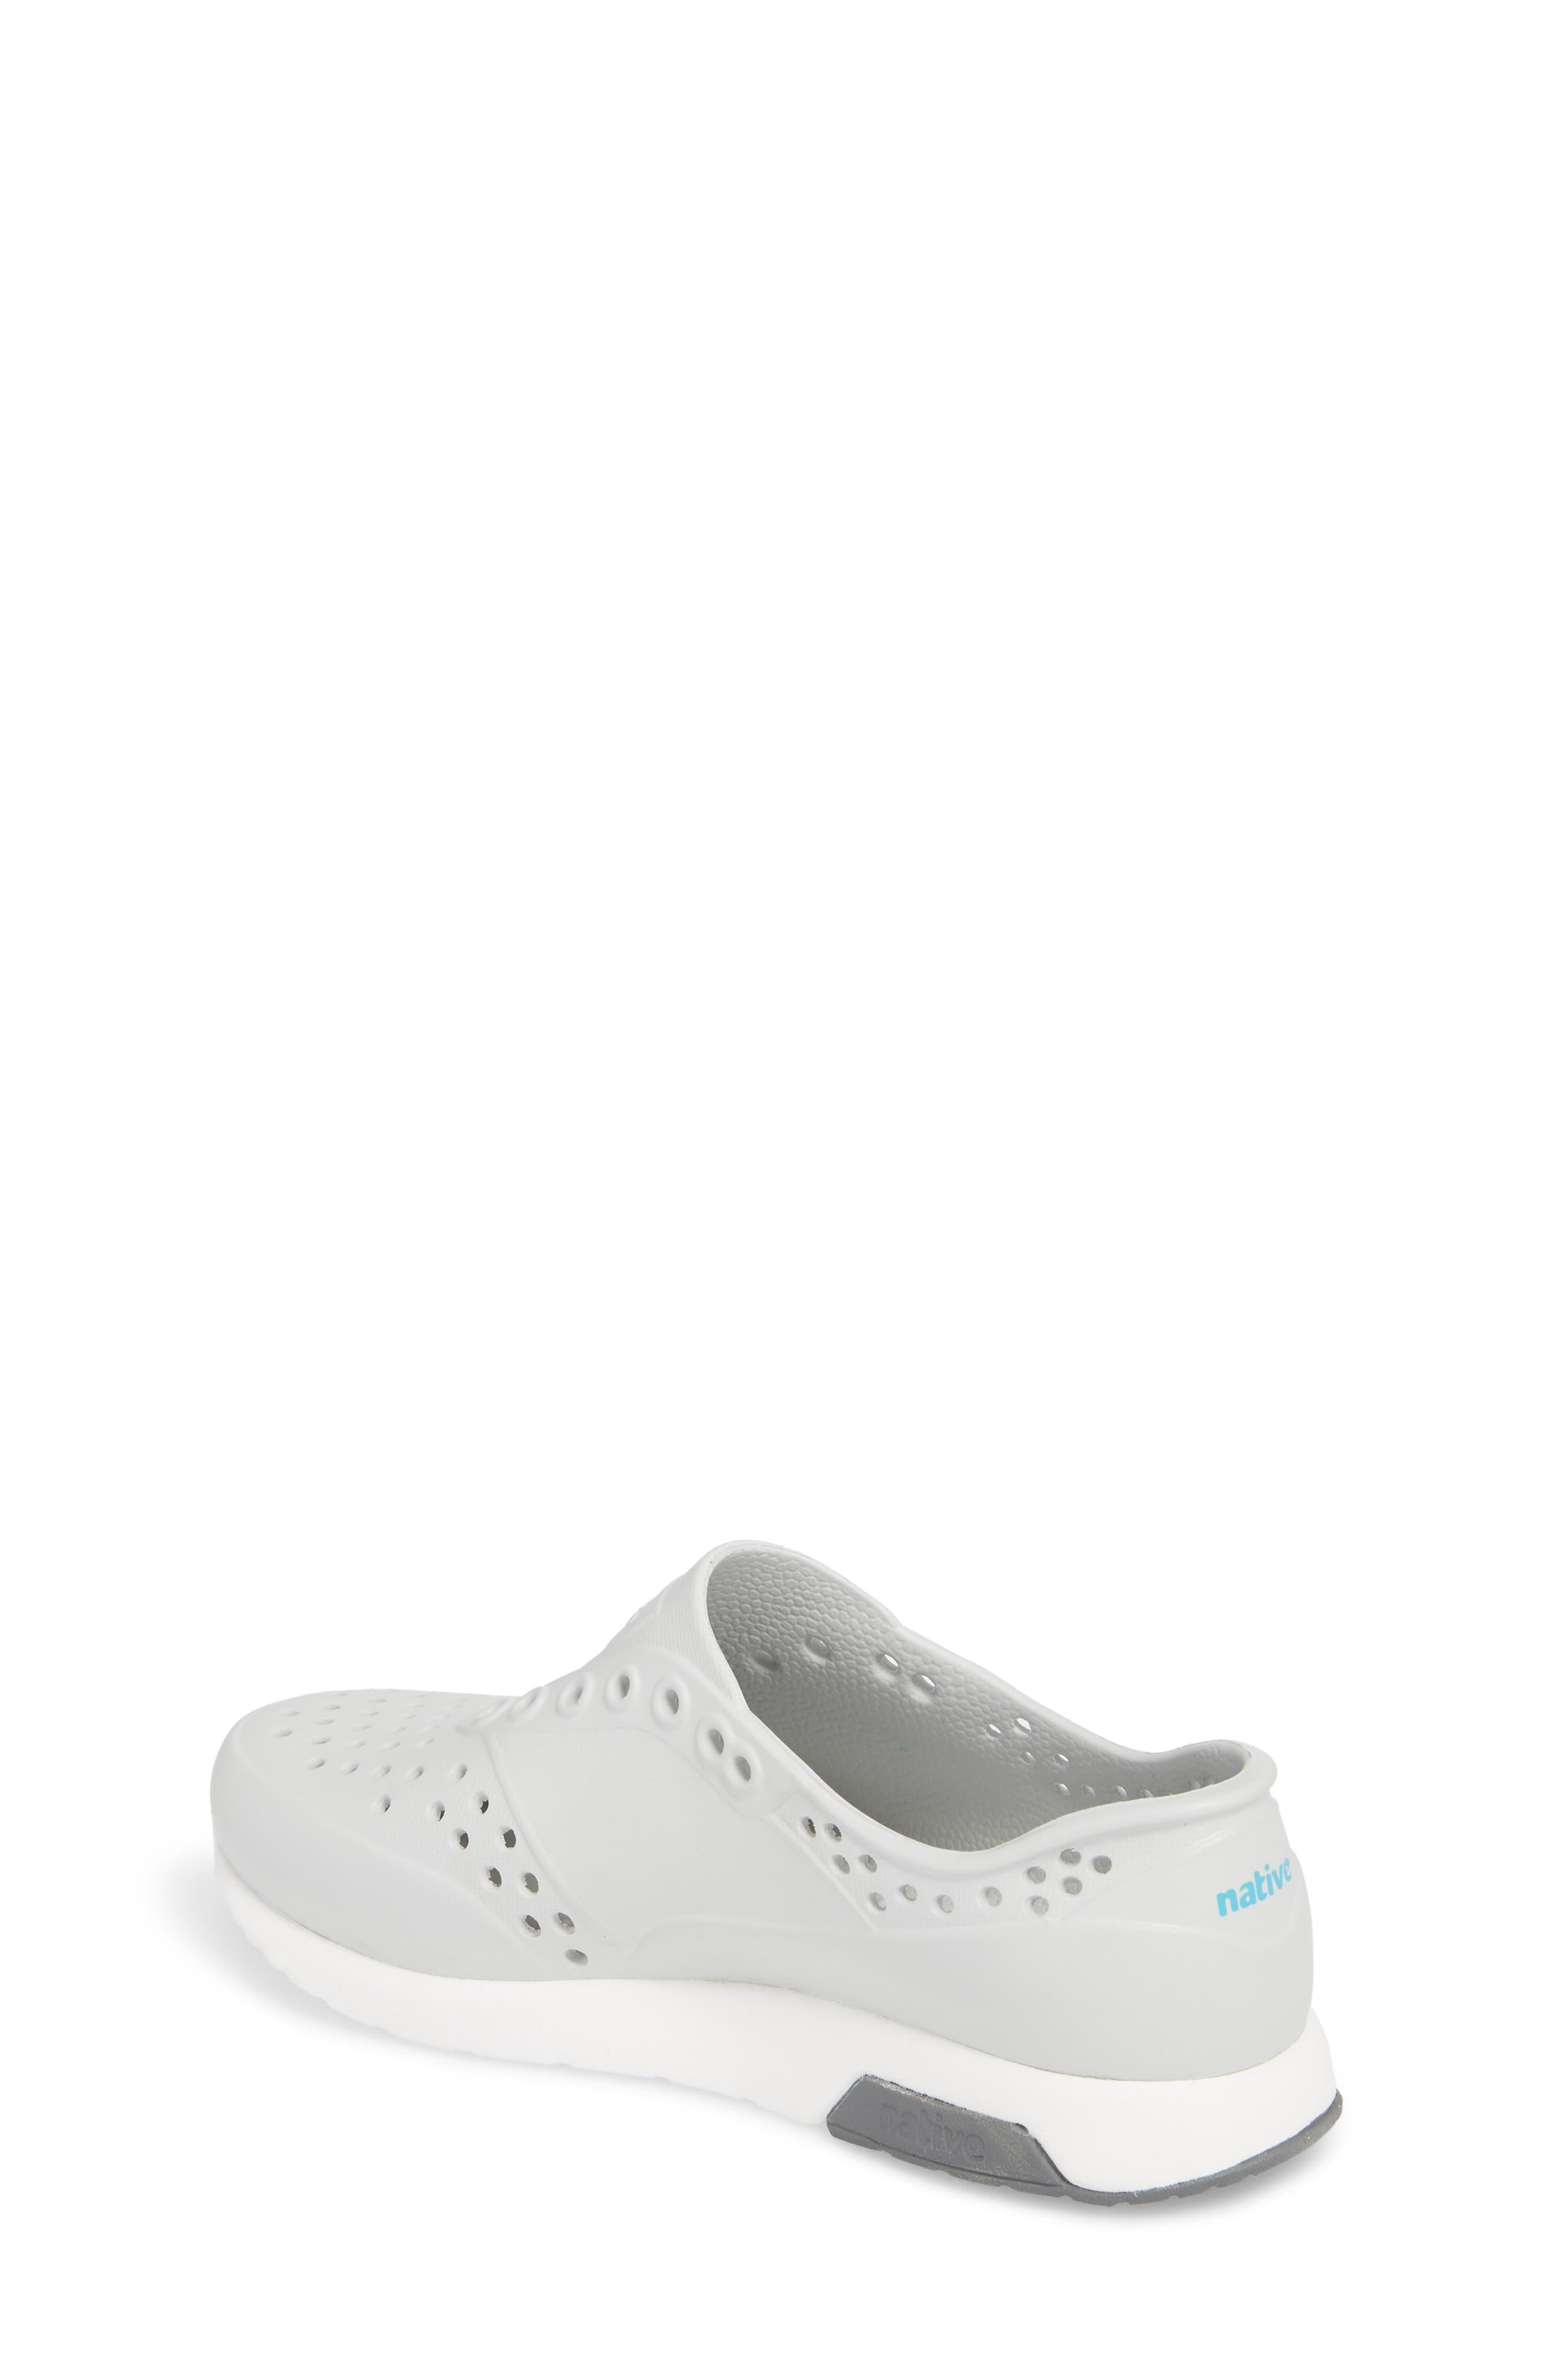 Lennox Slip-On Sneaker,                             Alternate thumbnail 2, color,                             Mist Grey/ White/ Dublin Grey